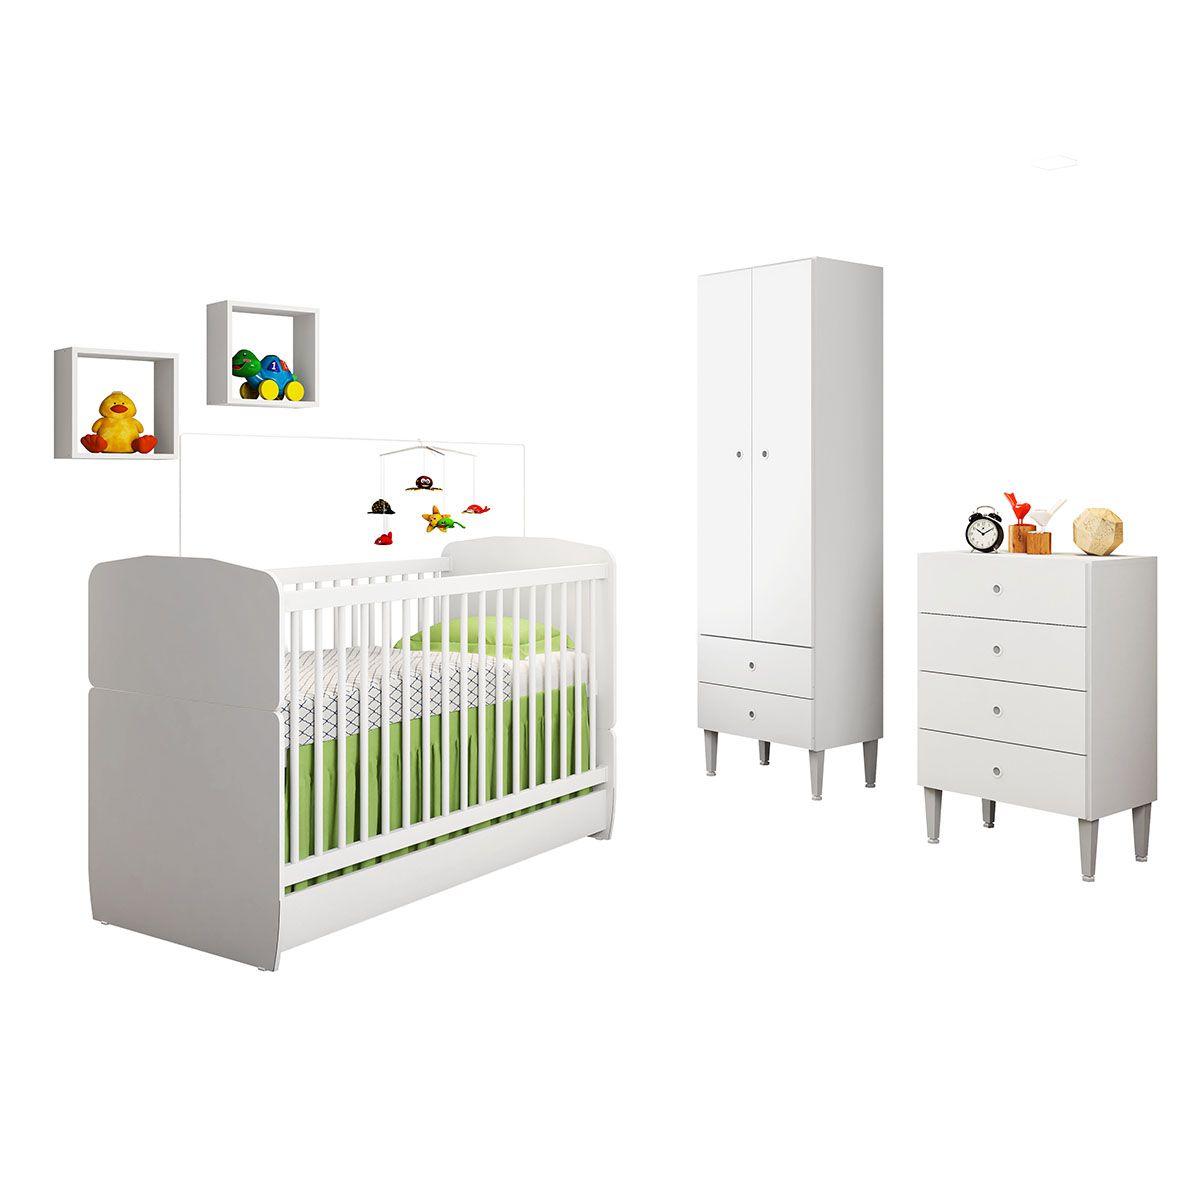 Quarto Infantil Completo Berço com Cama Cômoda 4 Gavetas Guarda Roupa 2 Portas 2 Nicho Docinho Branco - Art In Móveis